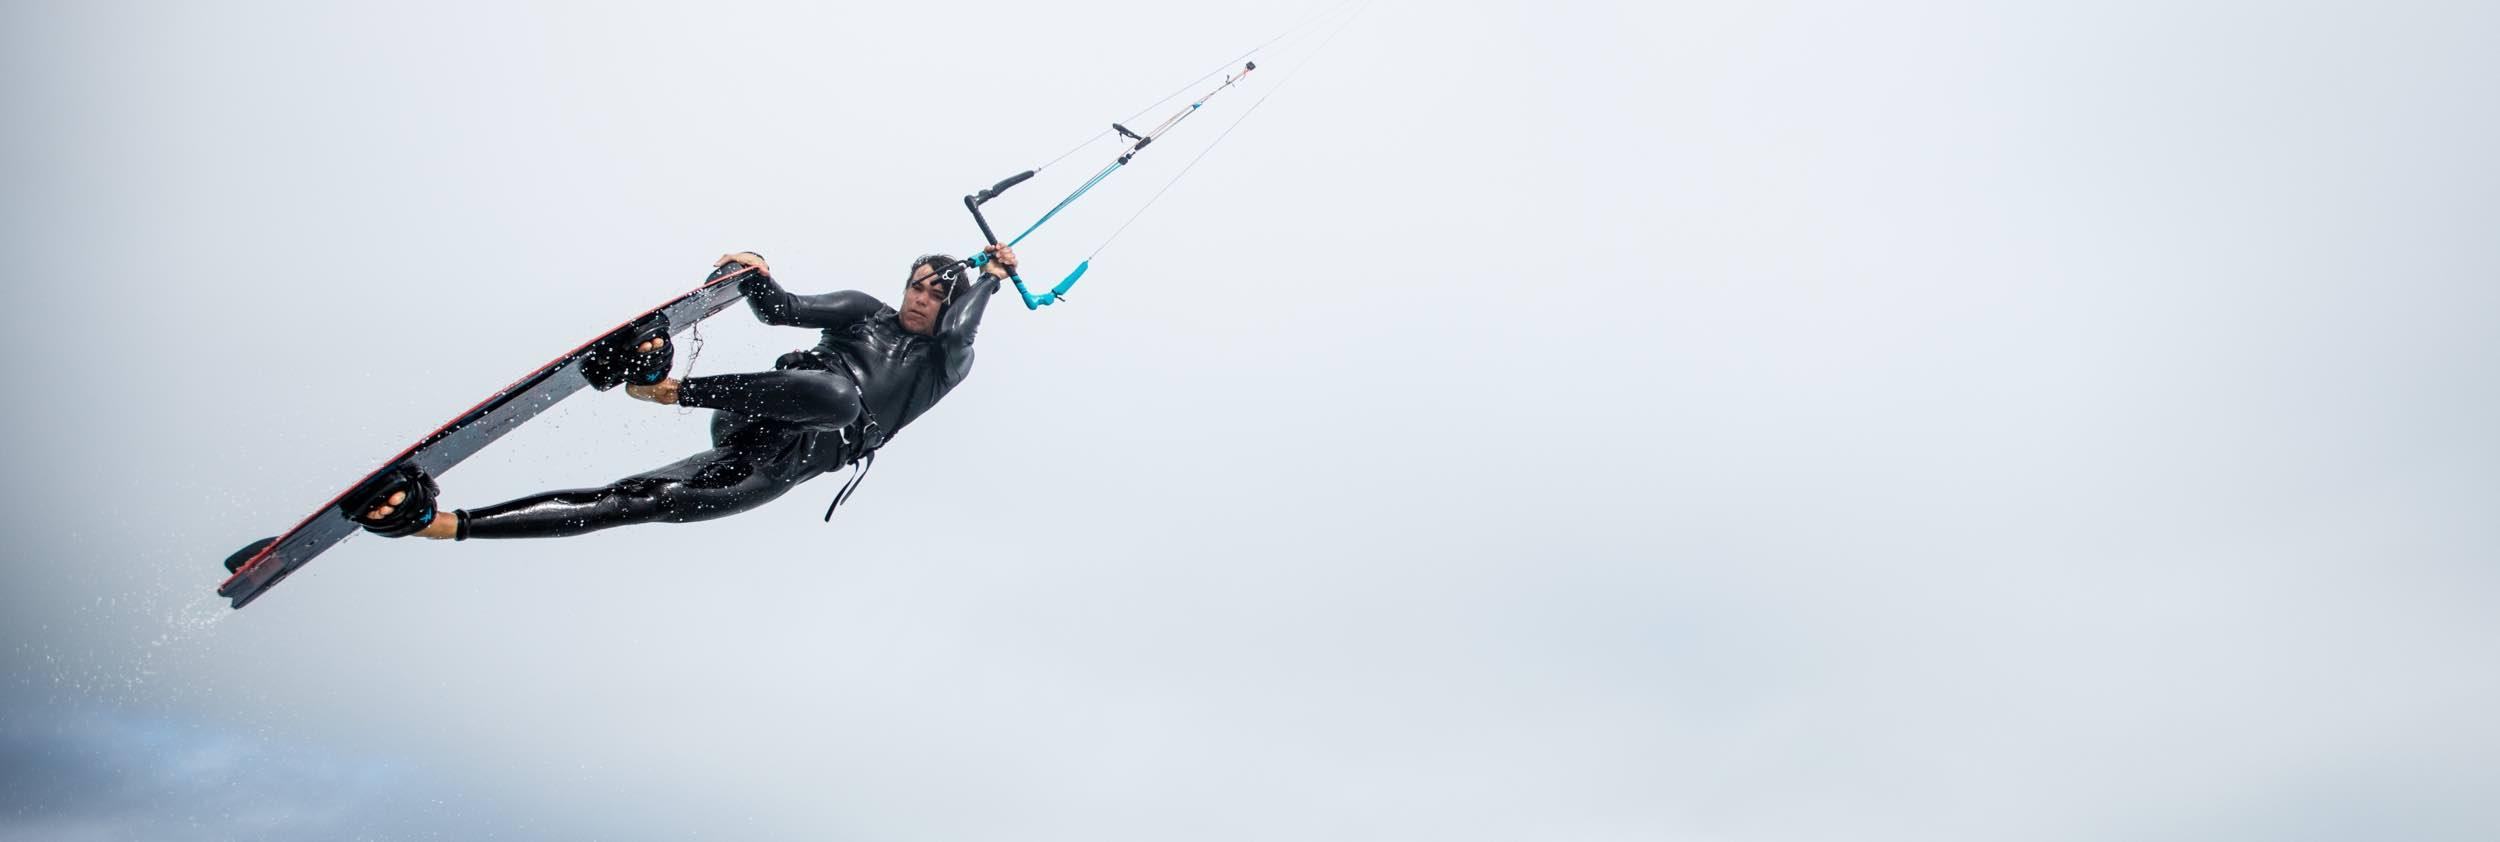 Airush apex jump